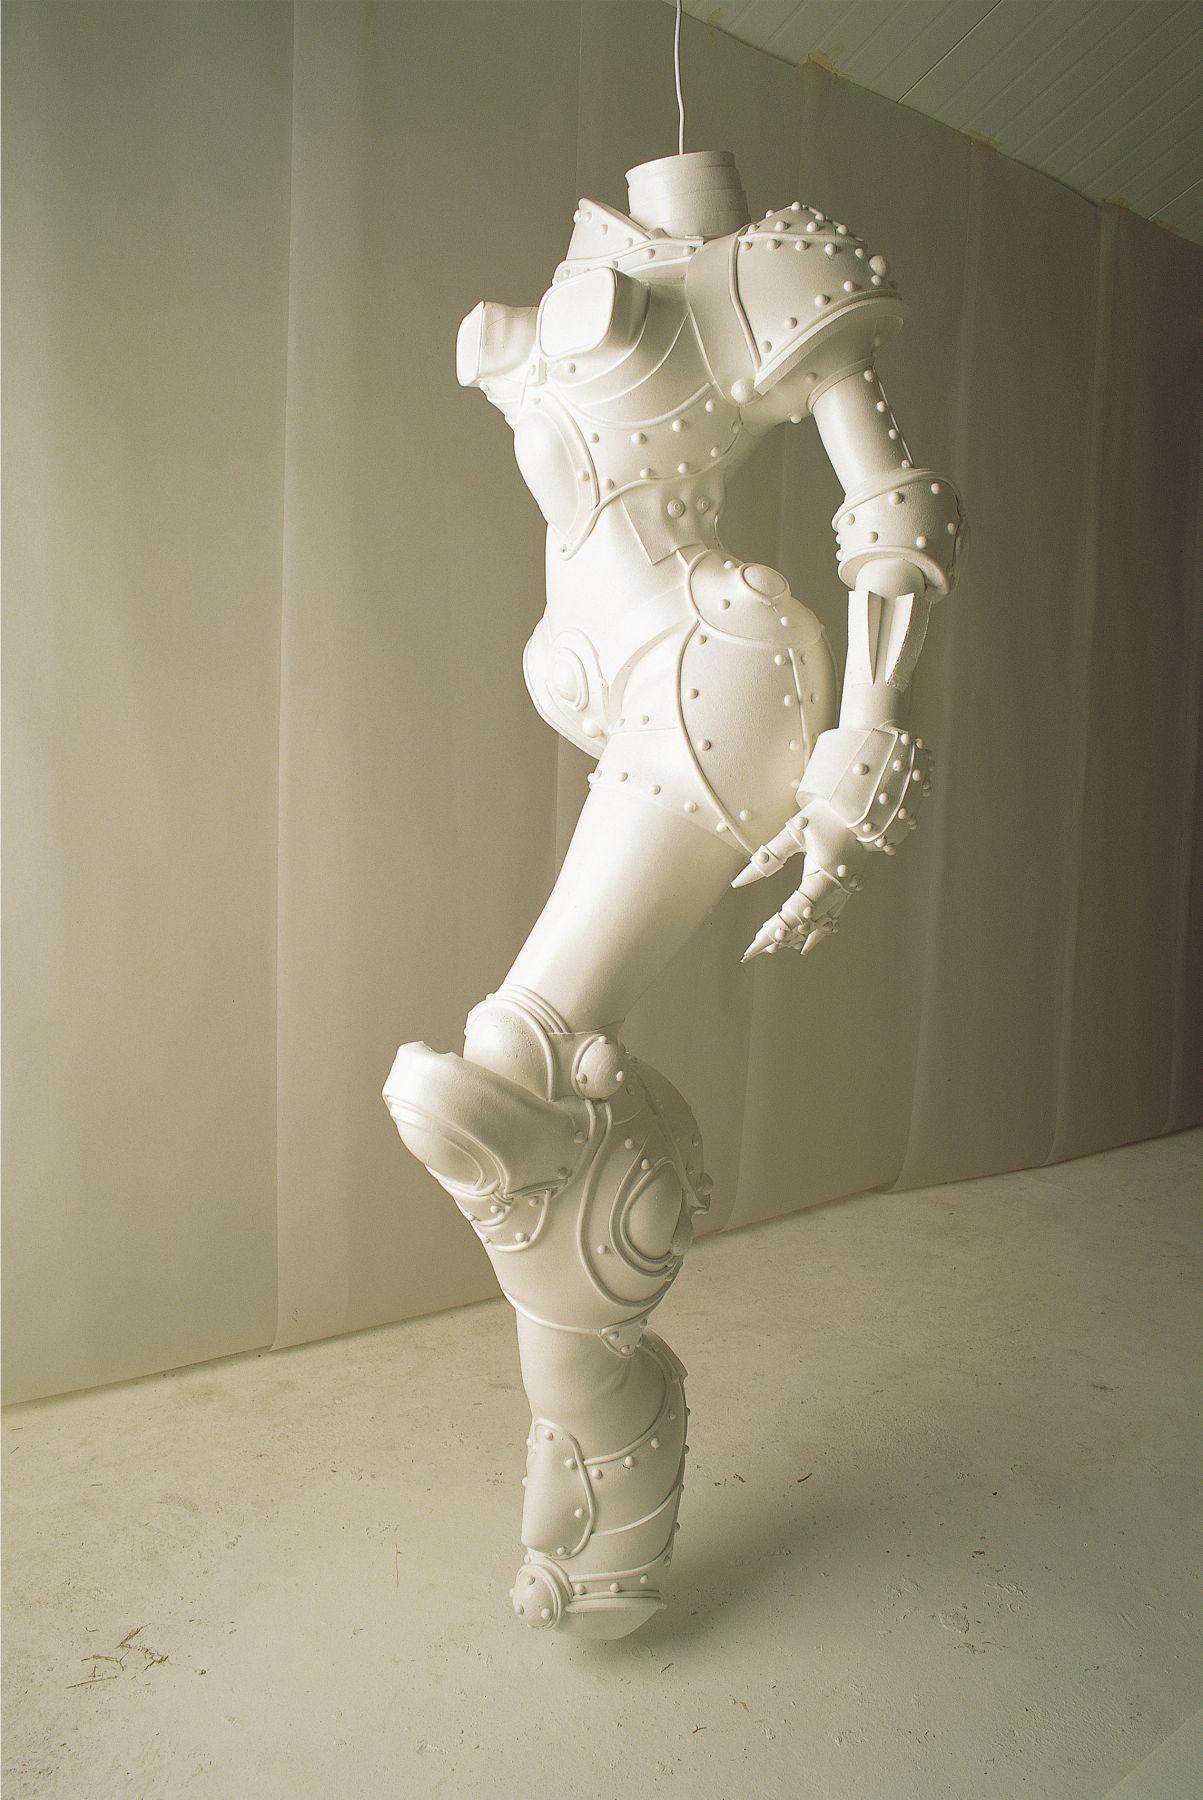 LEE BUL Cyborg W1, 1998